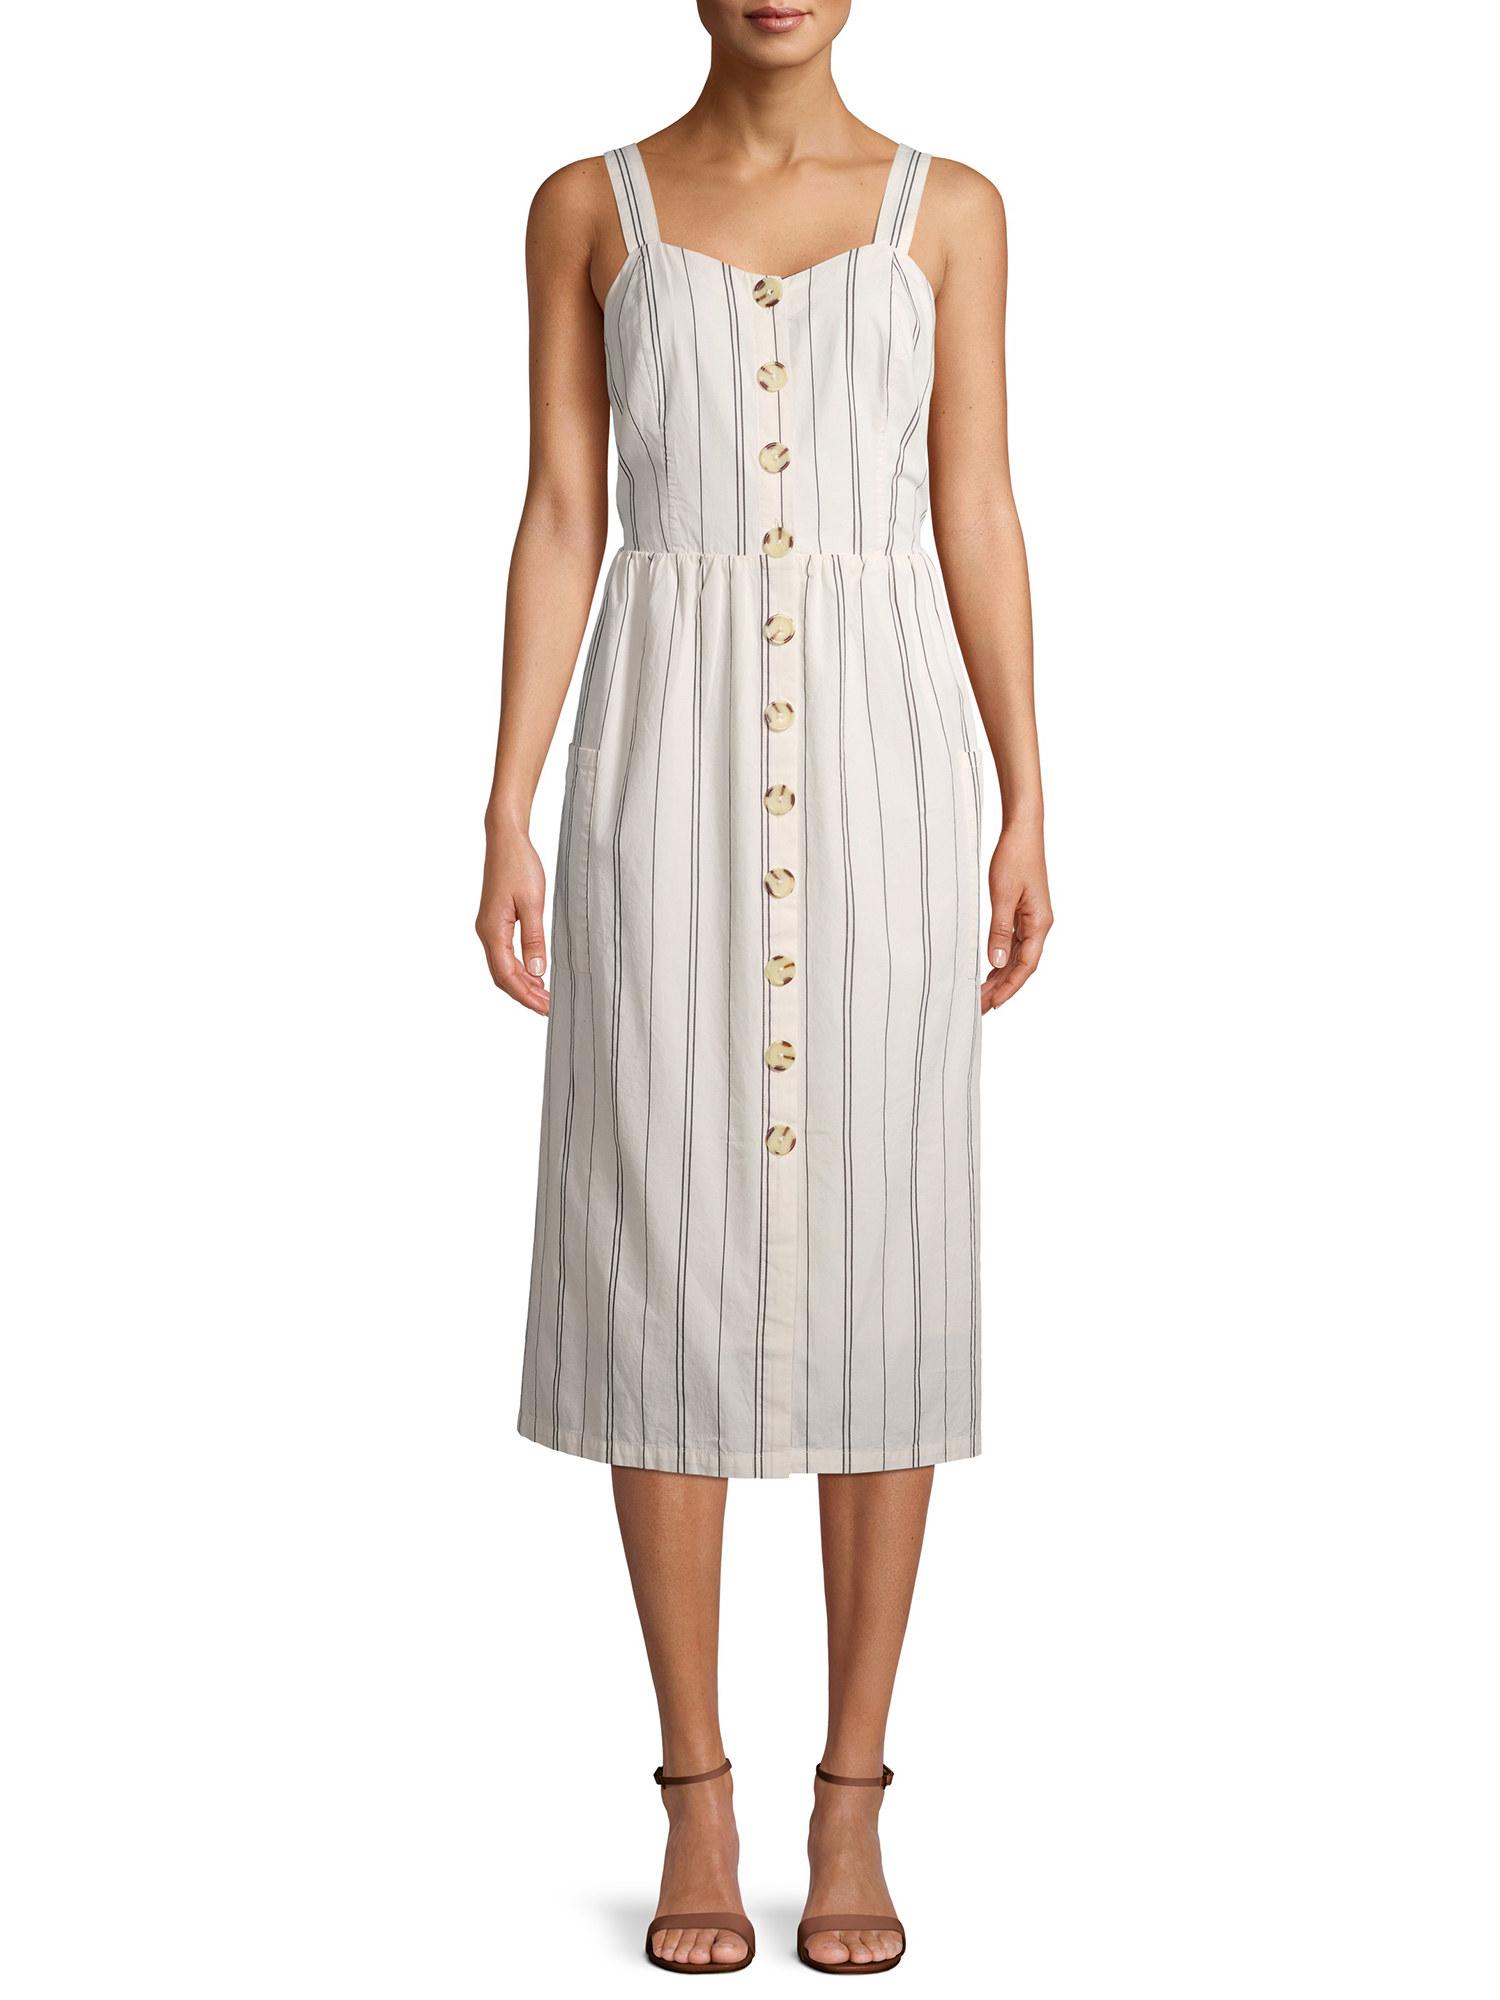 model in the sleeveless dress